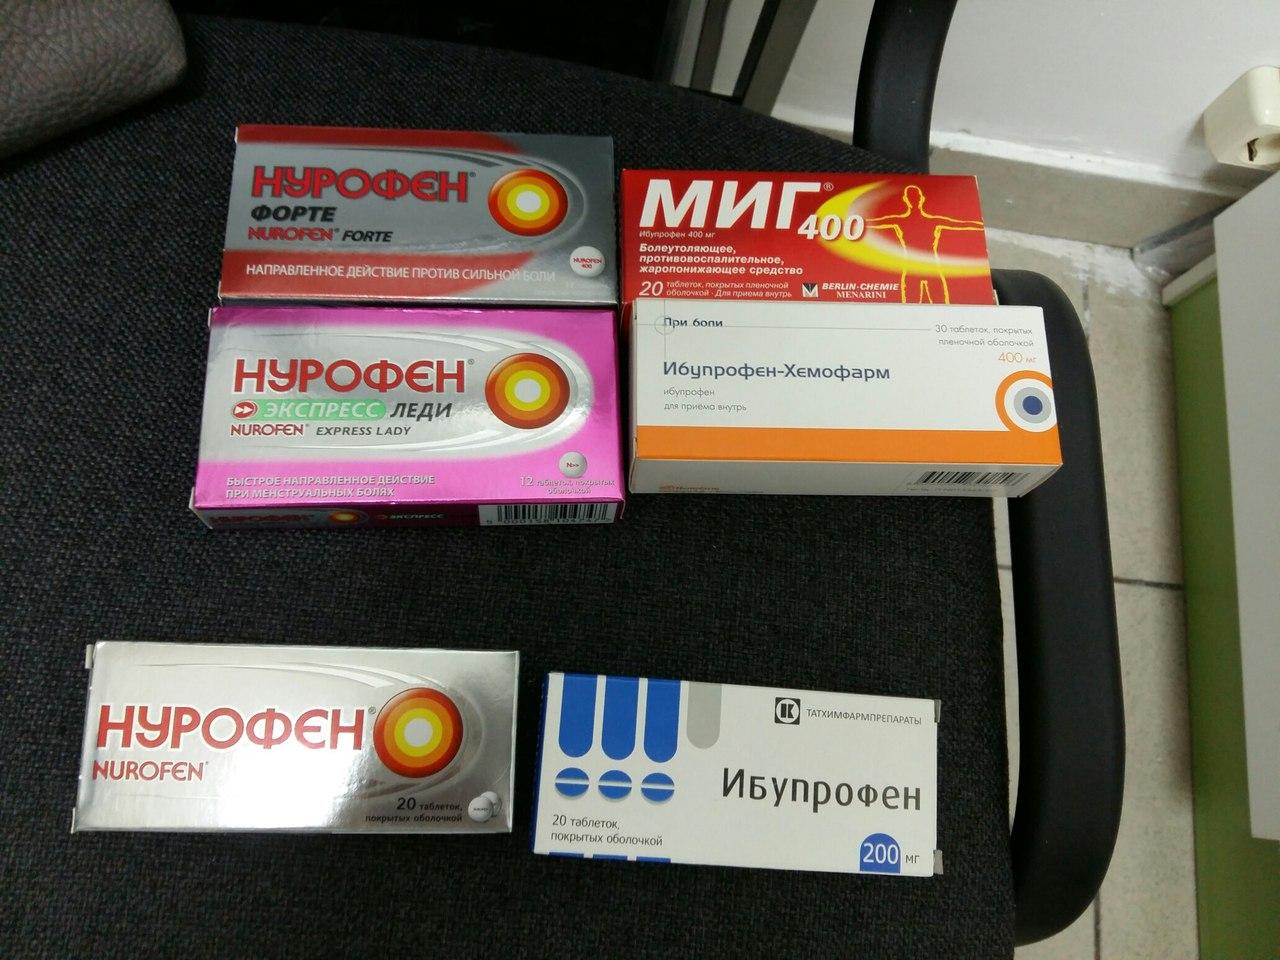 препараты повышающие давление в таблетках